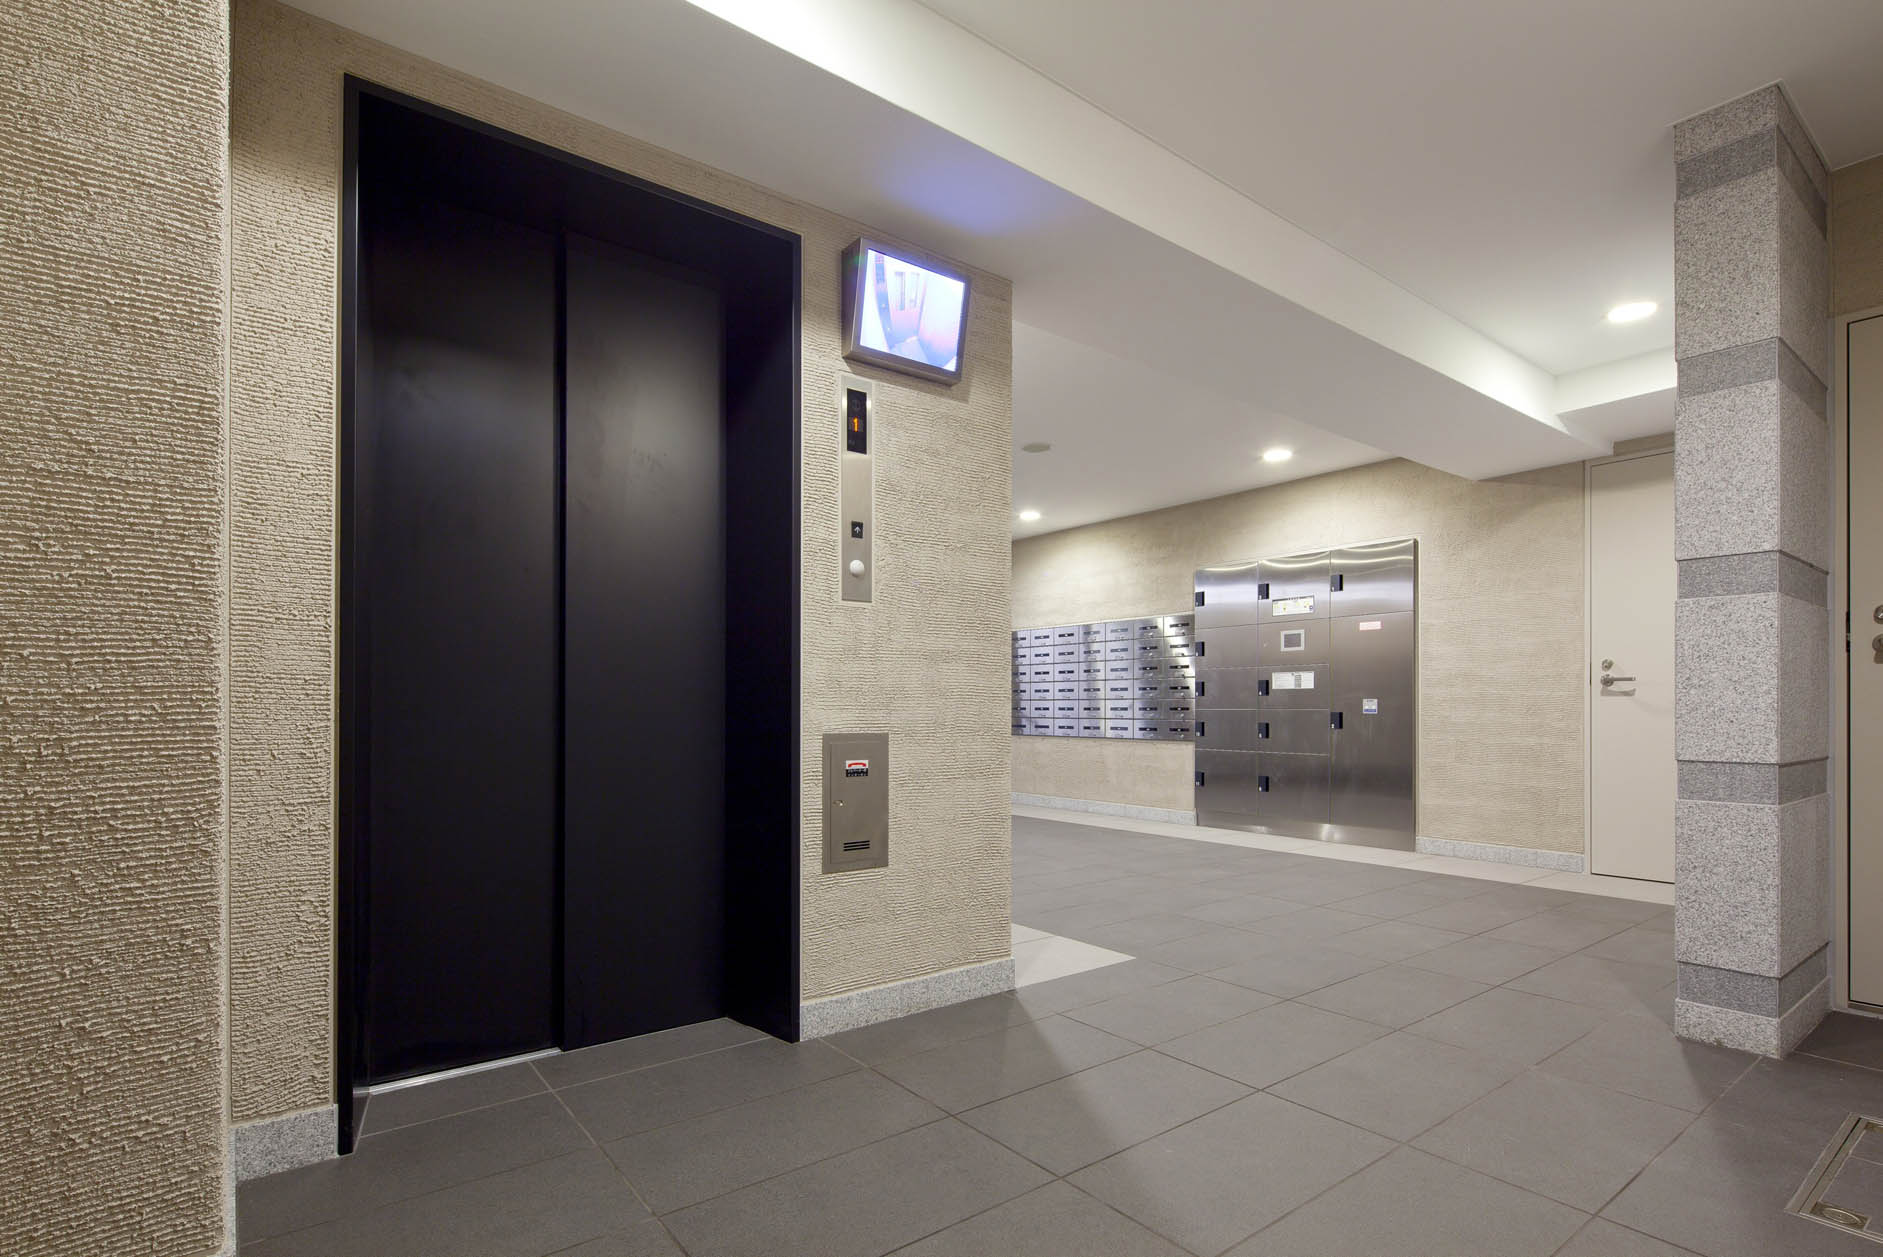 エントランスからお住まいになる部屋までのオートロックシステムは、非接触キーを使用し、エレベーターと連動しています。 イメージ